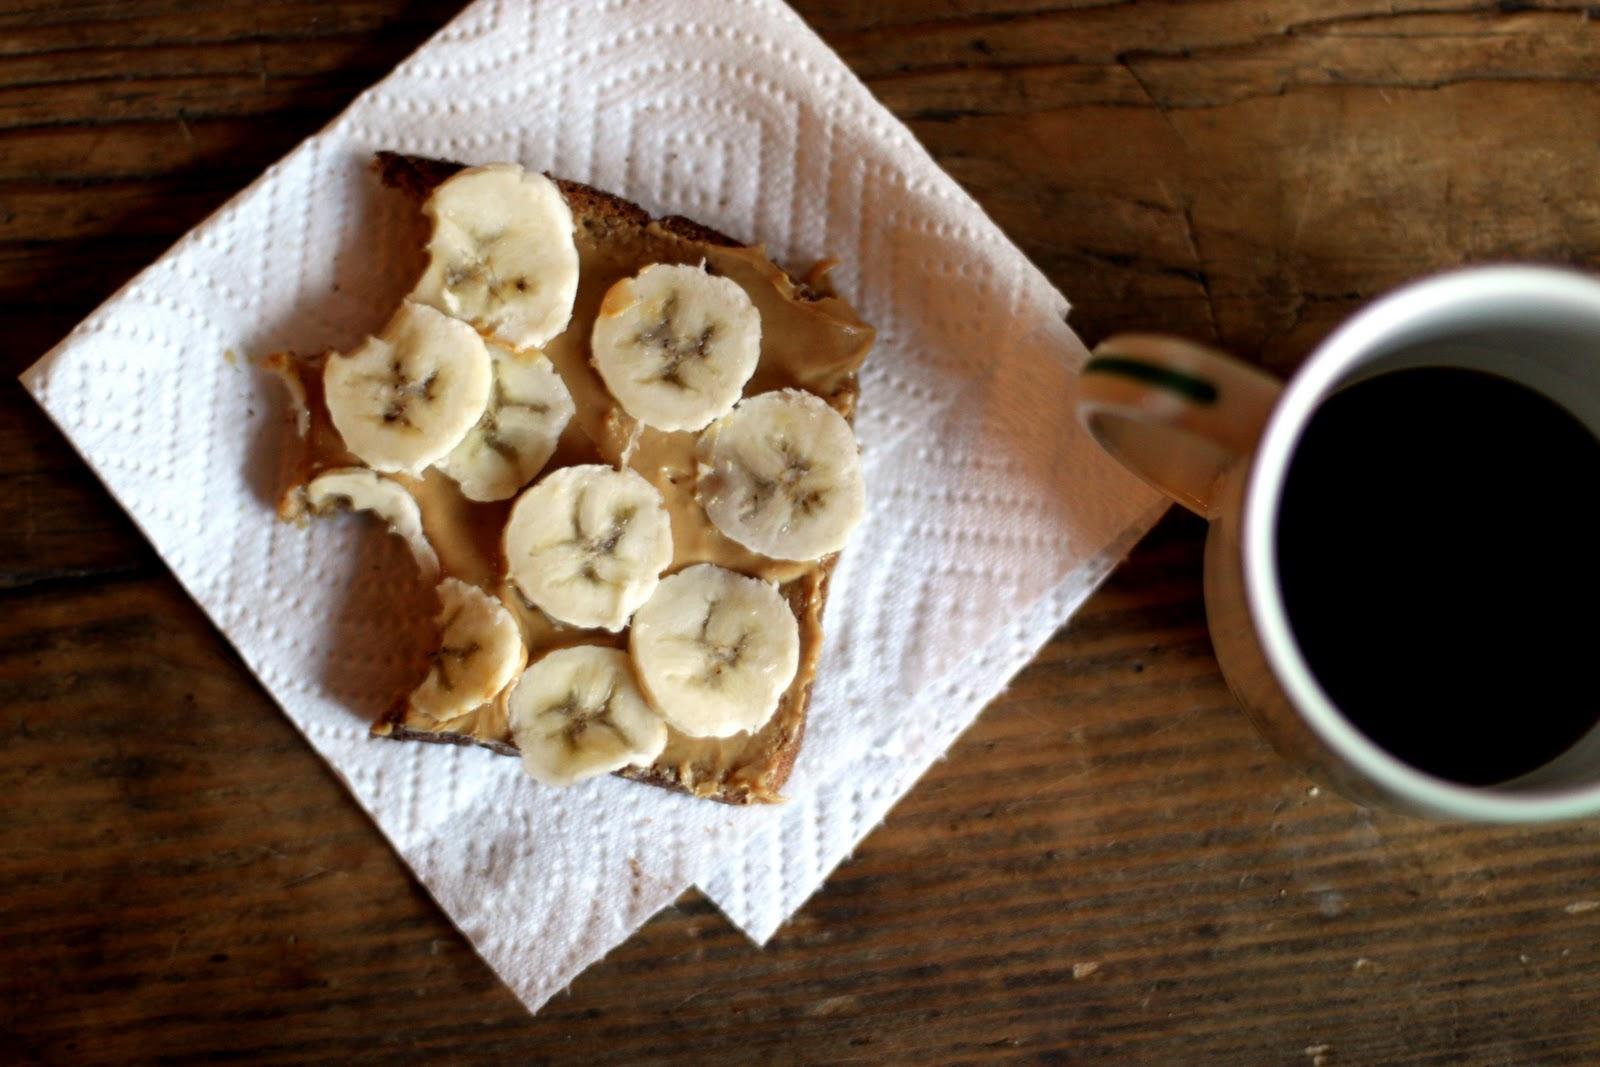 Peanut butter and banana sandwich_PC literallyspoonful.blogspot.com